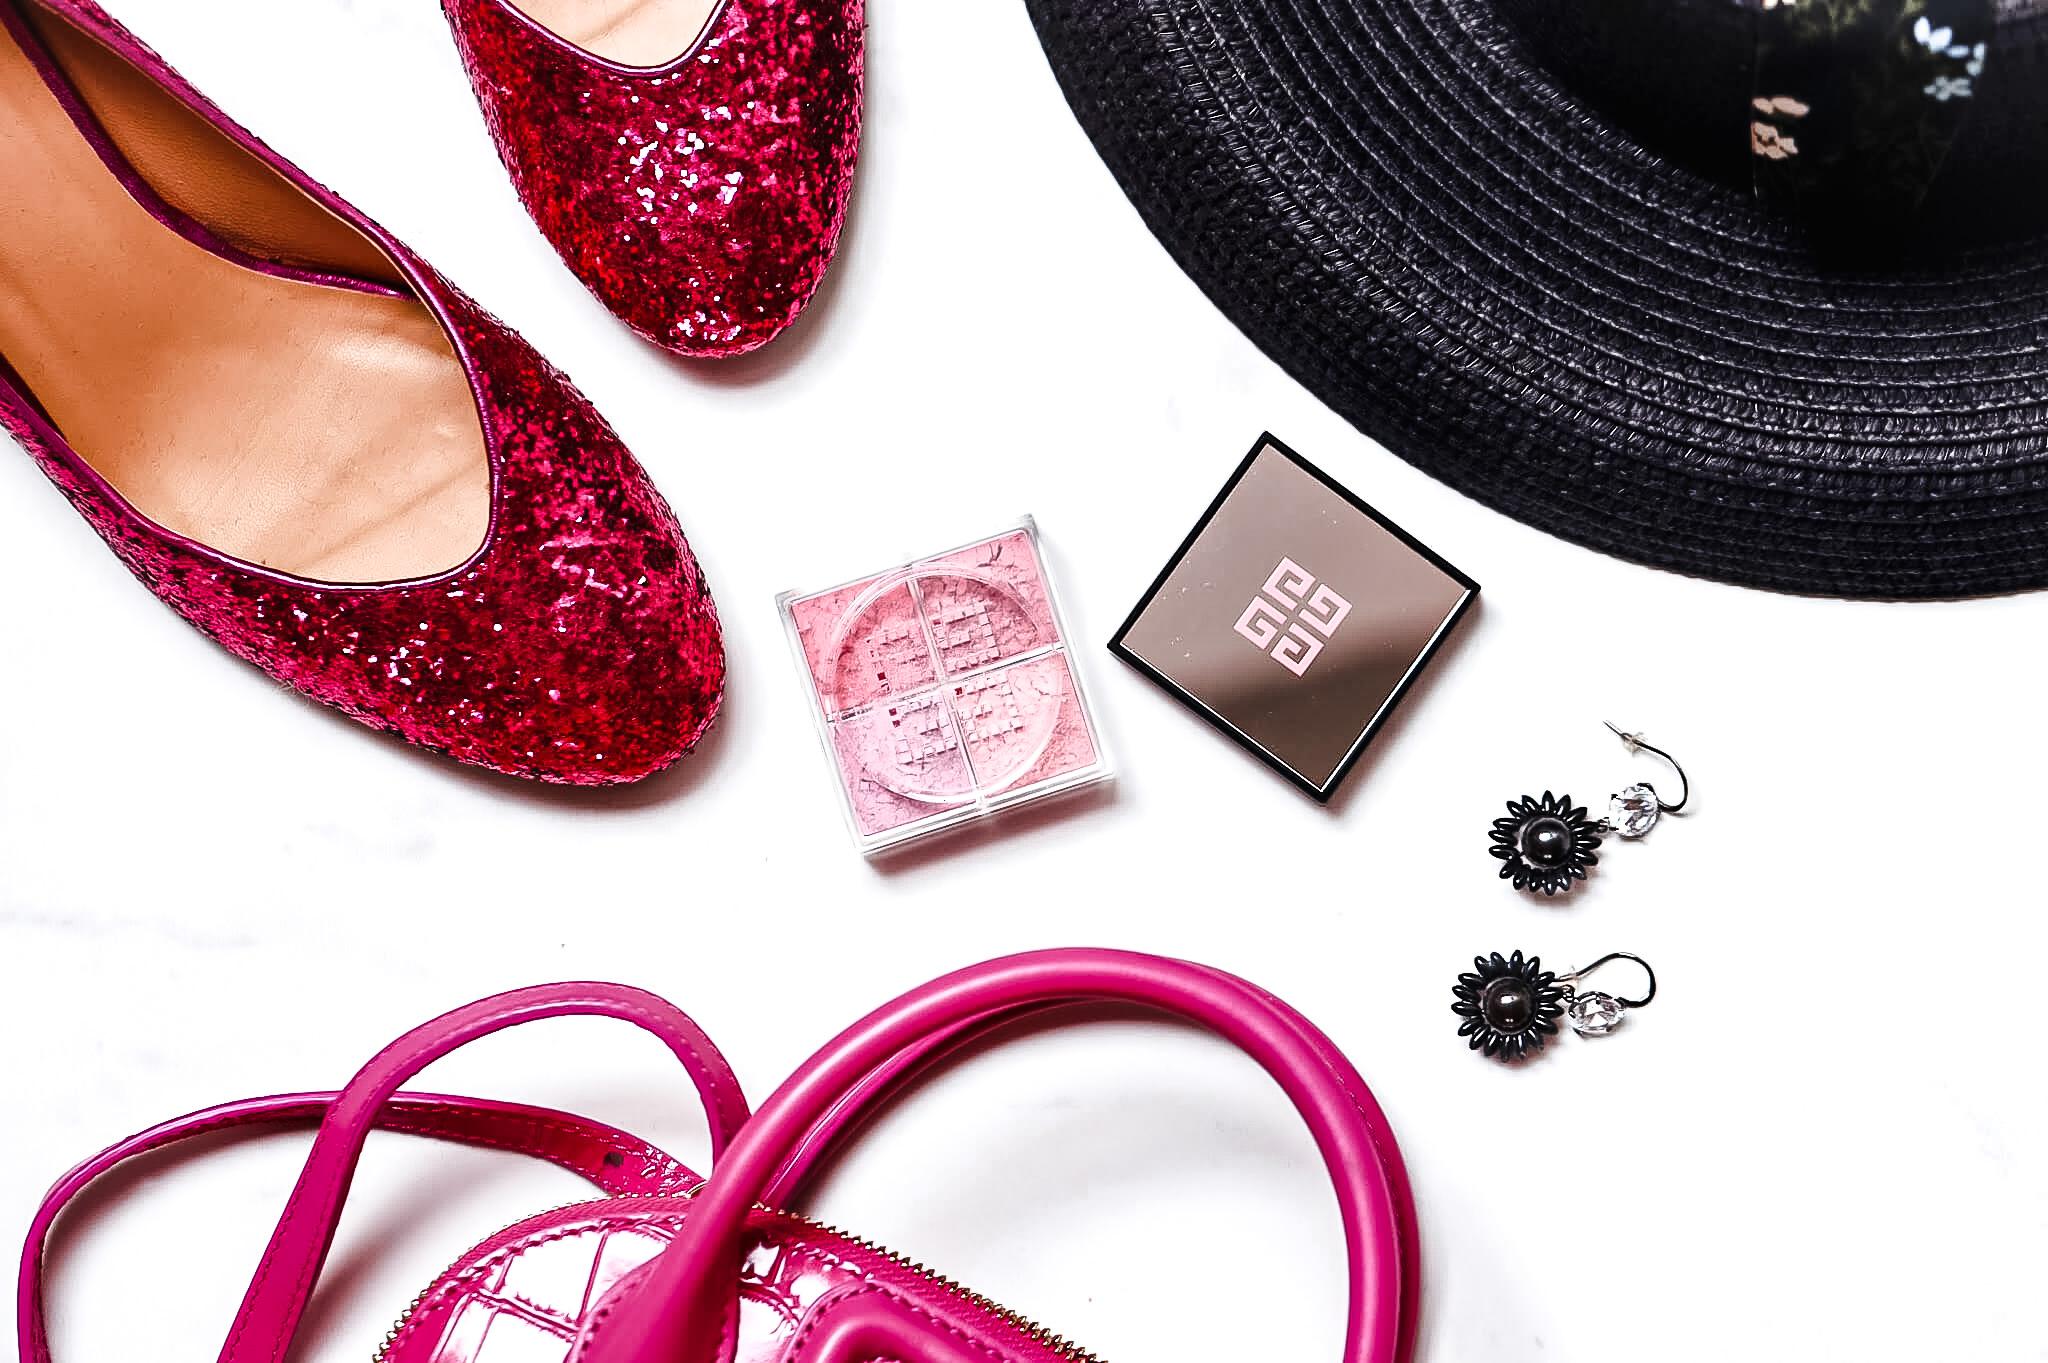 Givenchy Blush Prisme Libre